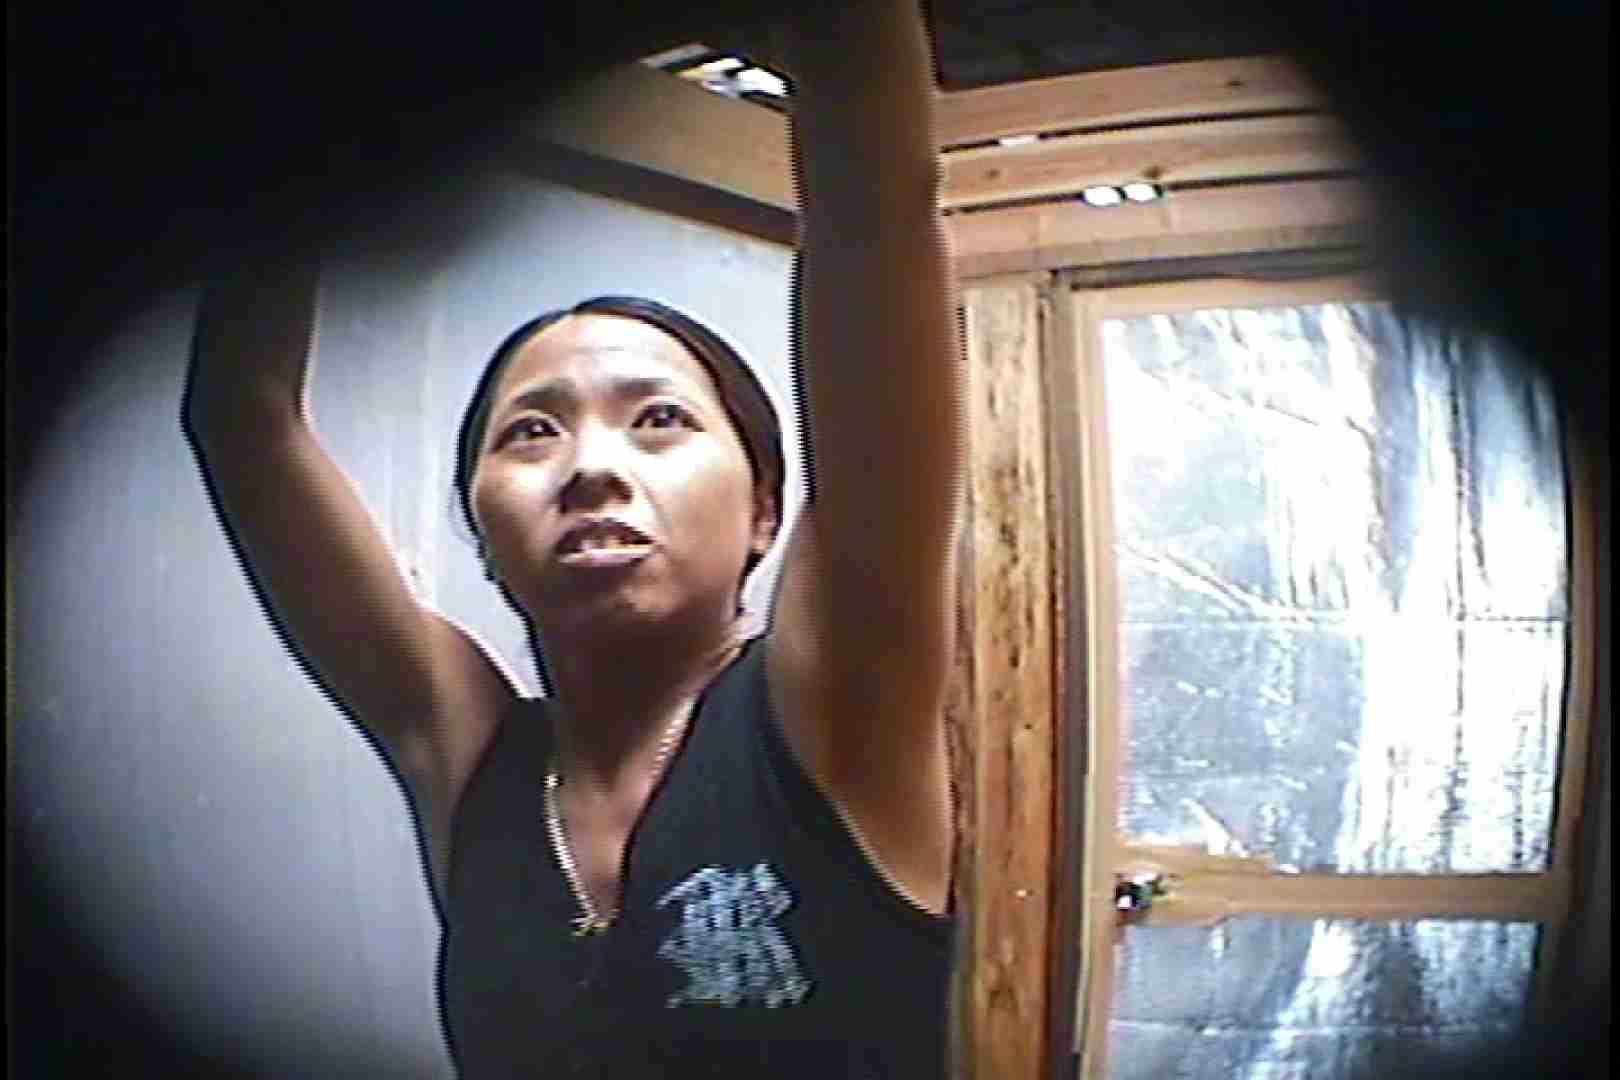 海の家の更衣室 Vol.45 シャワー中 | 美女達のヌード  64連発 9